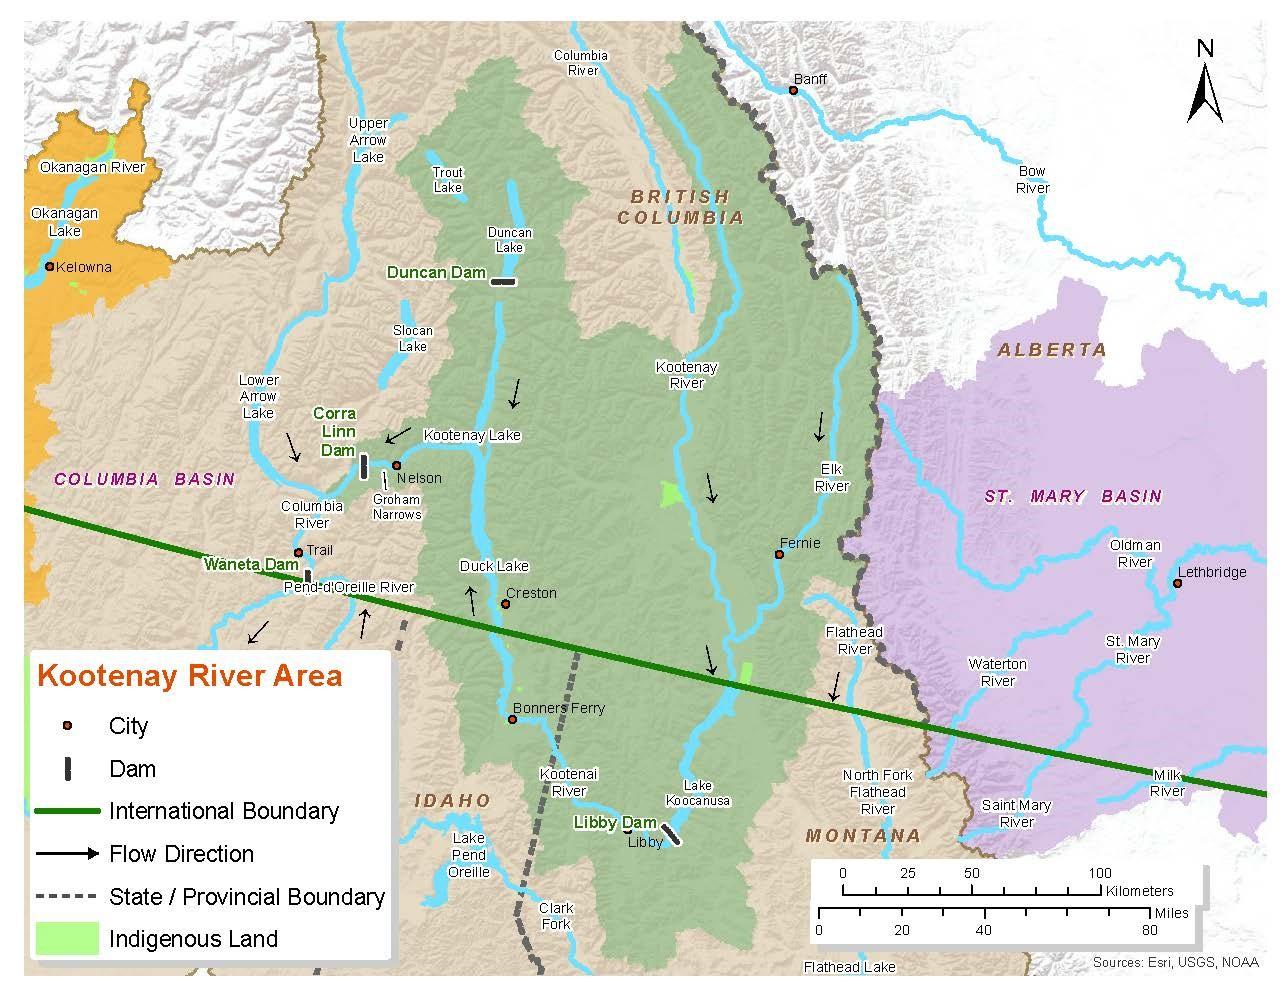 Le lac Kootenay se situe en Colombie-Britannique, dans le réseau hydrographique de la rivière Kootenay. La rivière se forme dans les Rocheuses canadiennes, en Colombie-Britannique, coule vers le sud dans le Montana et l'Idaho, d'où elle remonte vers le nord en Colombie-Britannique. C'est dans ce dernier tronçon britanno-colombien que se trouvent le lac Kootenay et le barrage Corra Linn. Source : CMI.